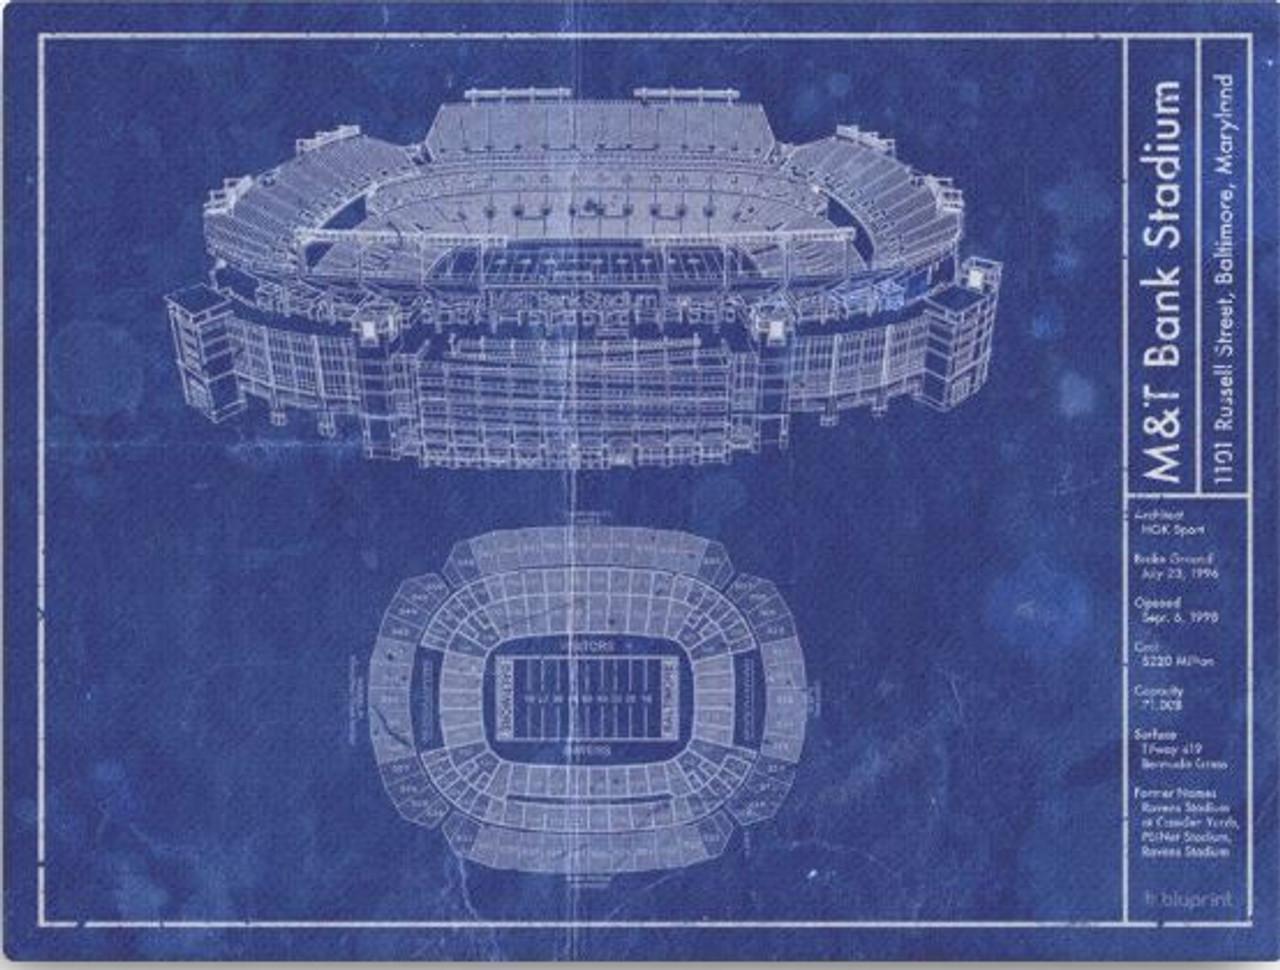 m t bank stadium baltimore ravens blueprint poster